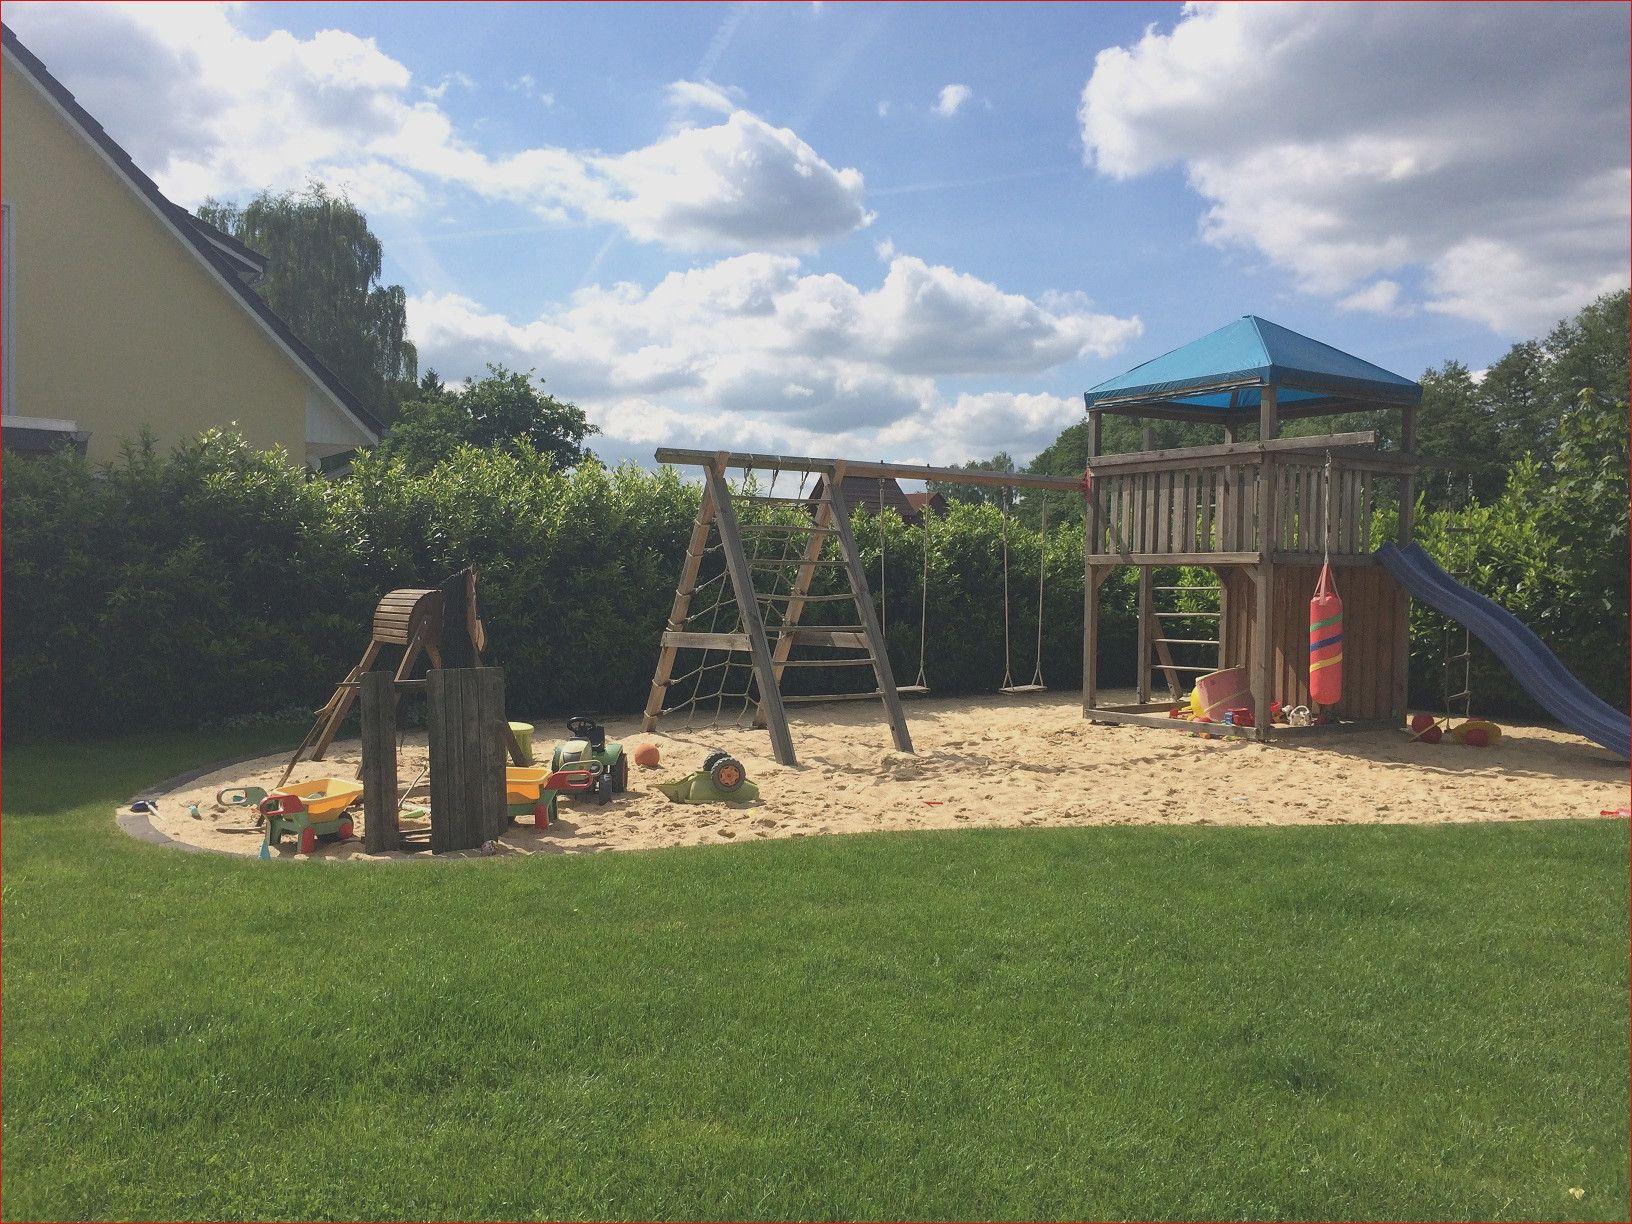 34 Luxus Spielplatz Im Garten Design Ideen Sandkasten Selber Bauen Sandkasten Selber Bauen